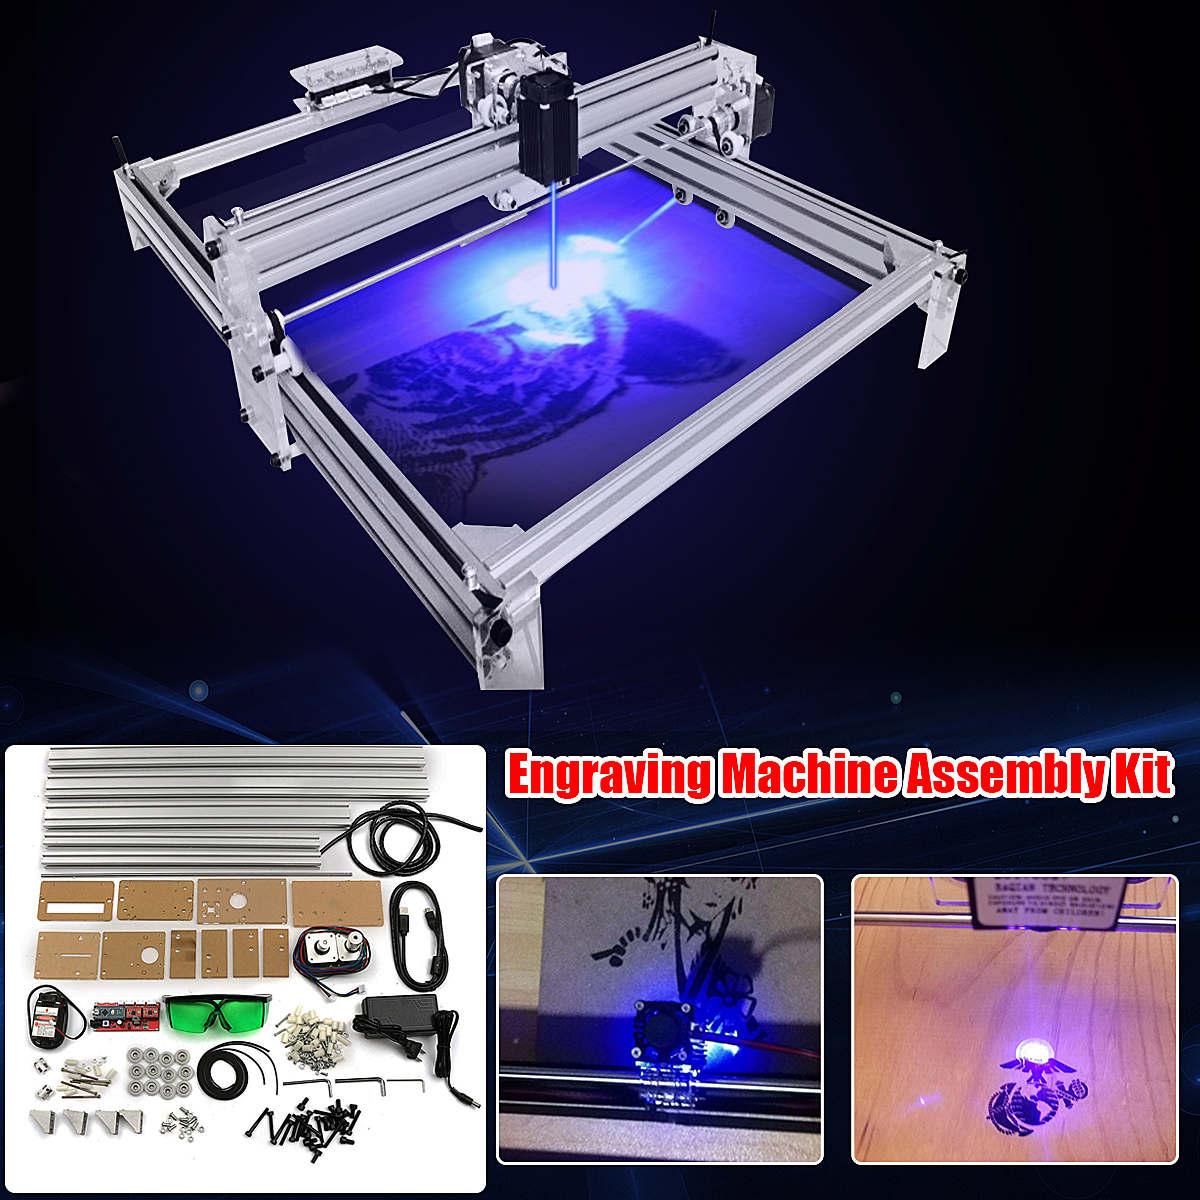 40X50 см 500 МВт DIY рабочего Мини синий лазерная гравировка гравер станок wood-маршрутизатор/резак/принтера /Мощность Регулируемый + лазерная очки